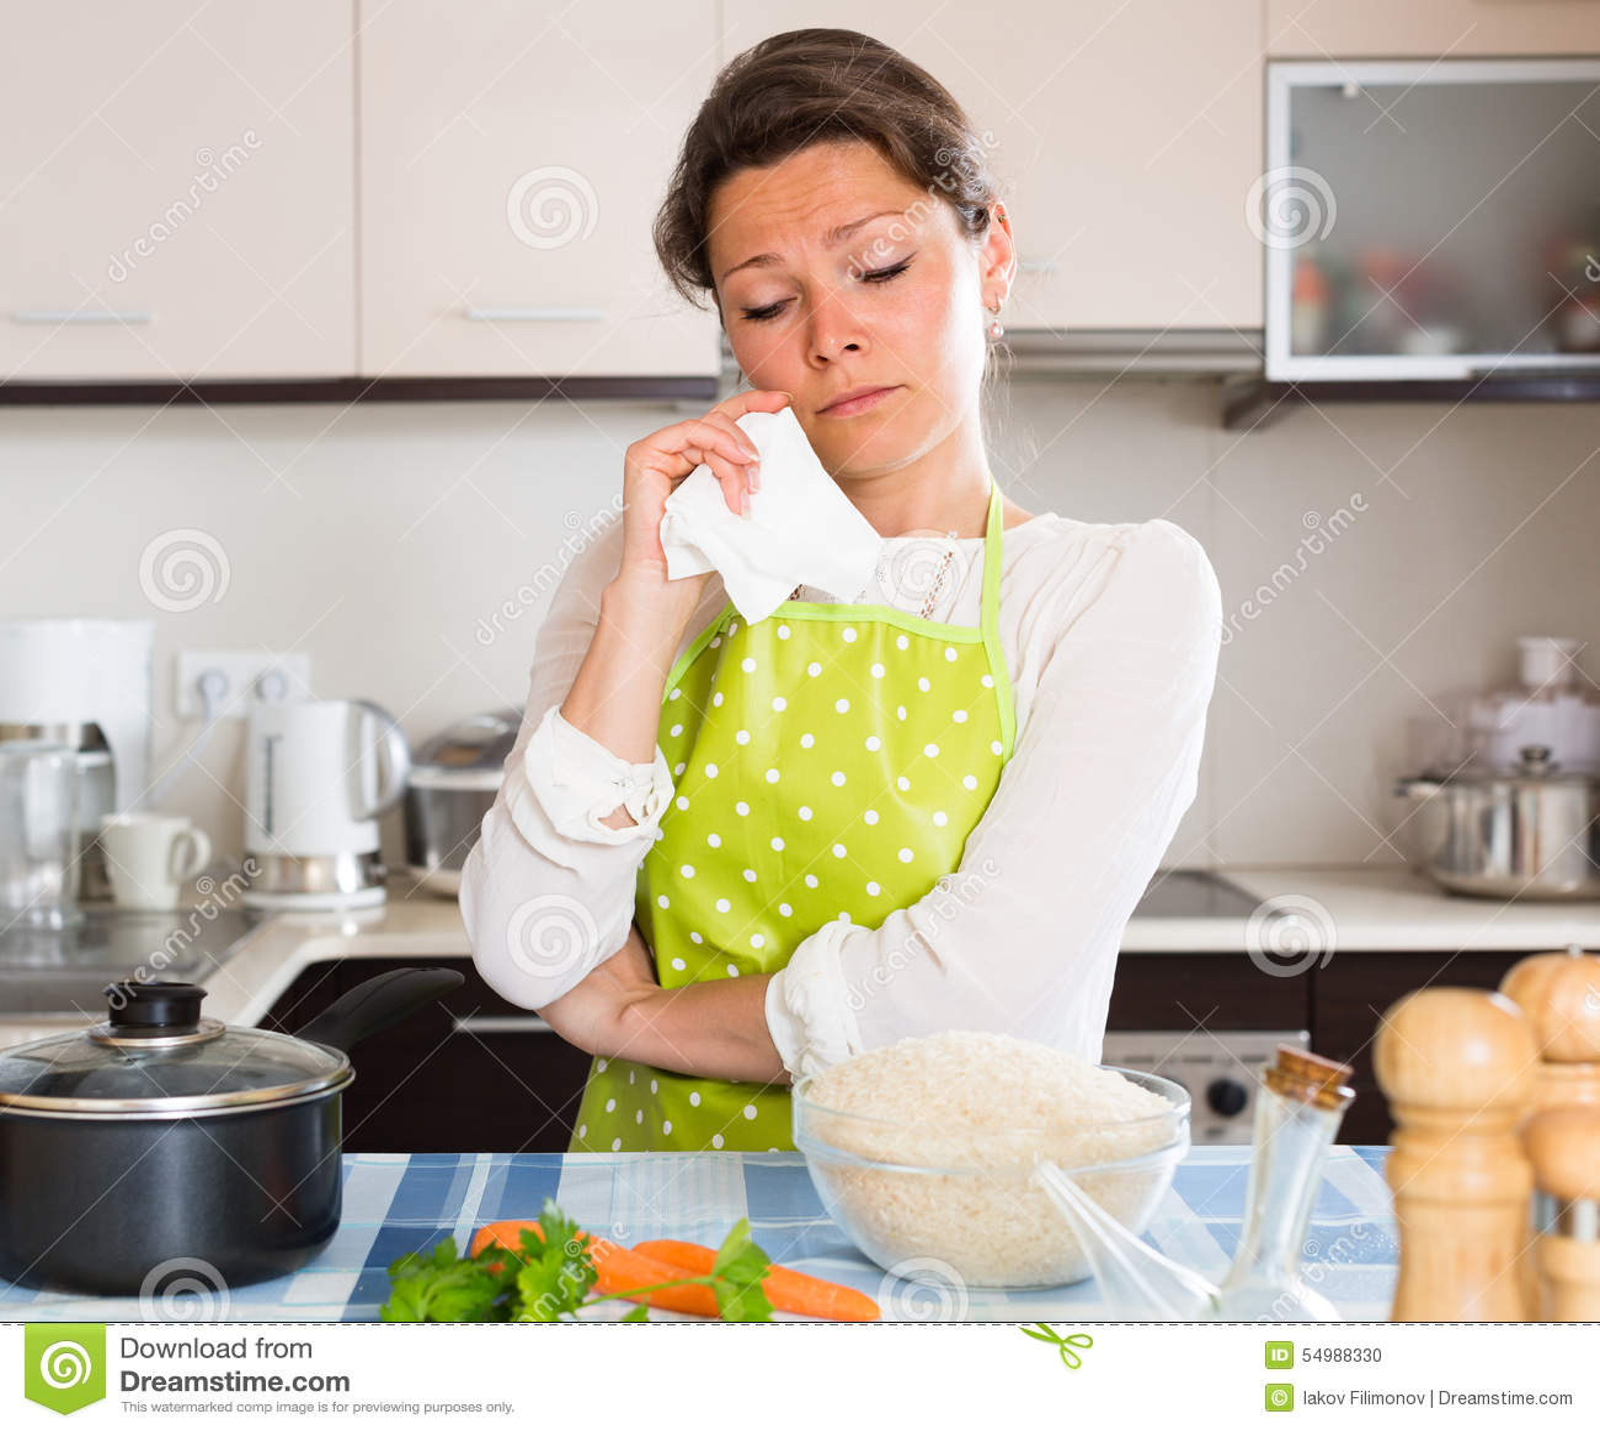 Droevige vrouwen kokende rijst in de keuken